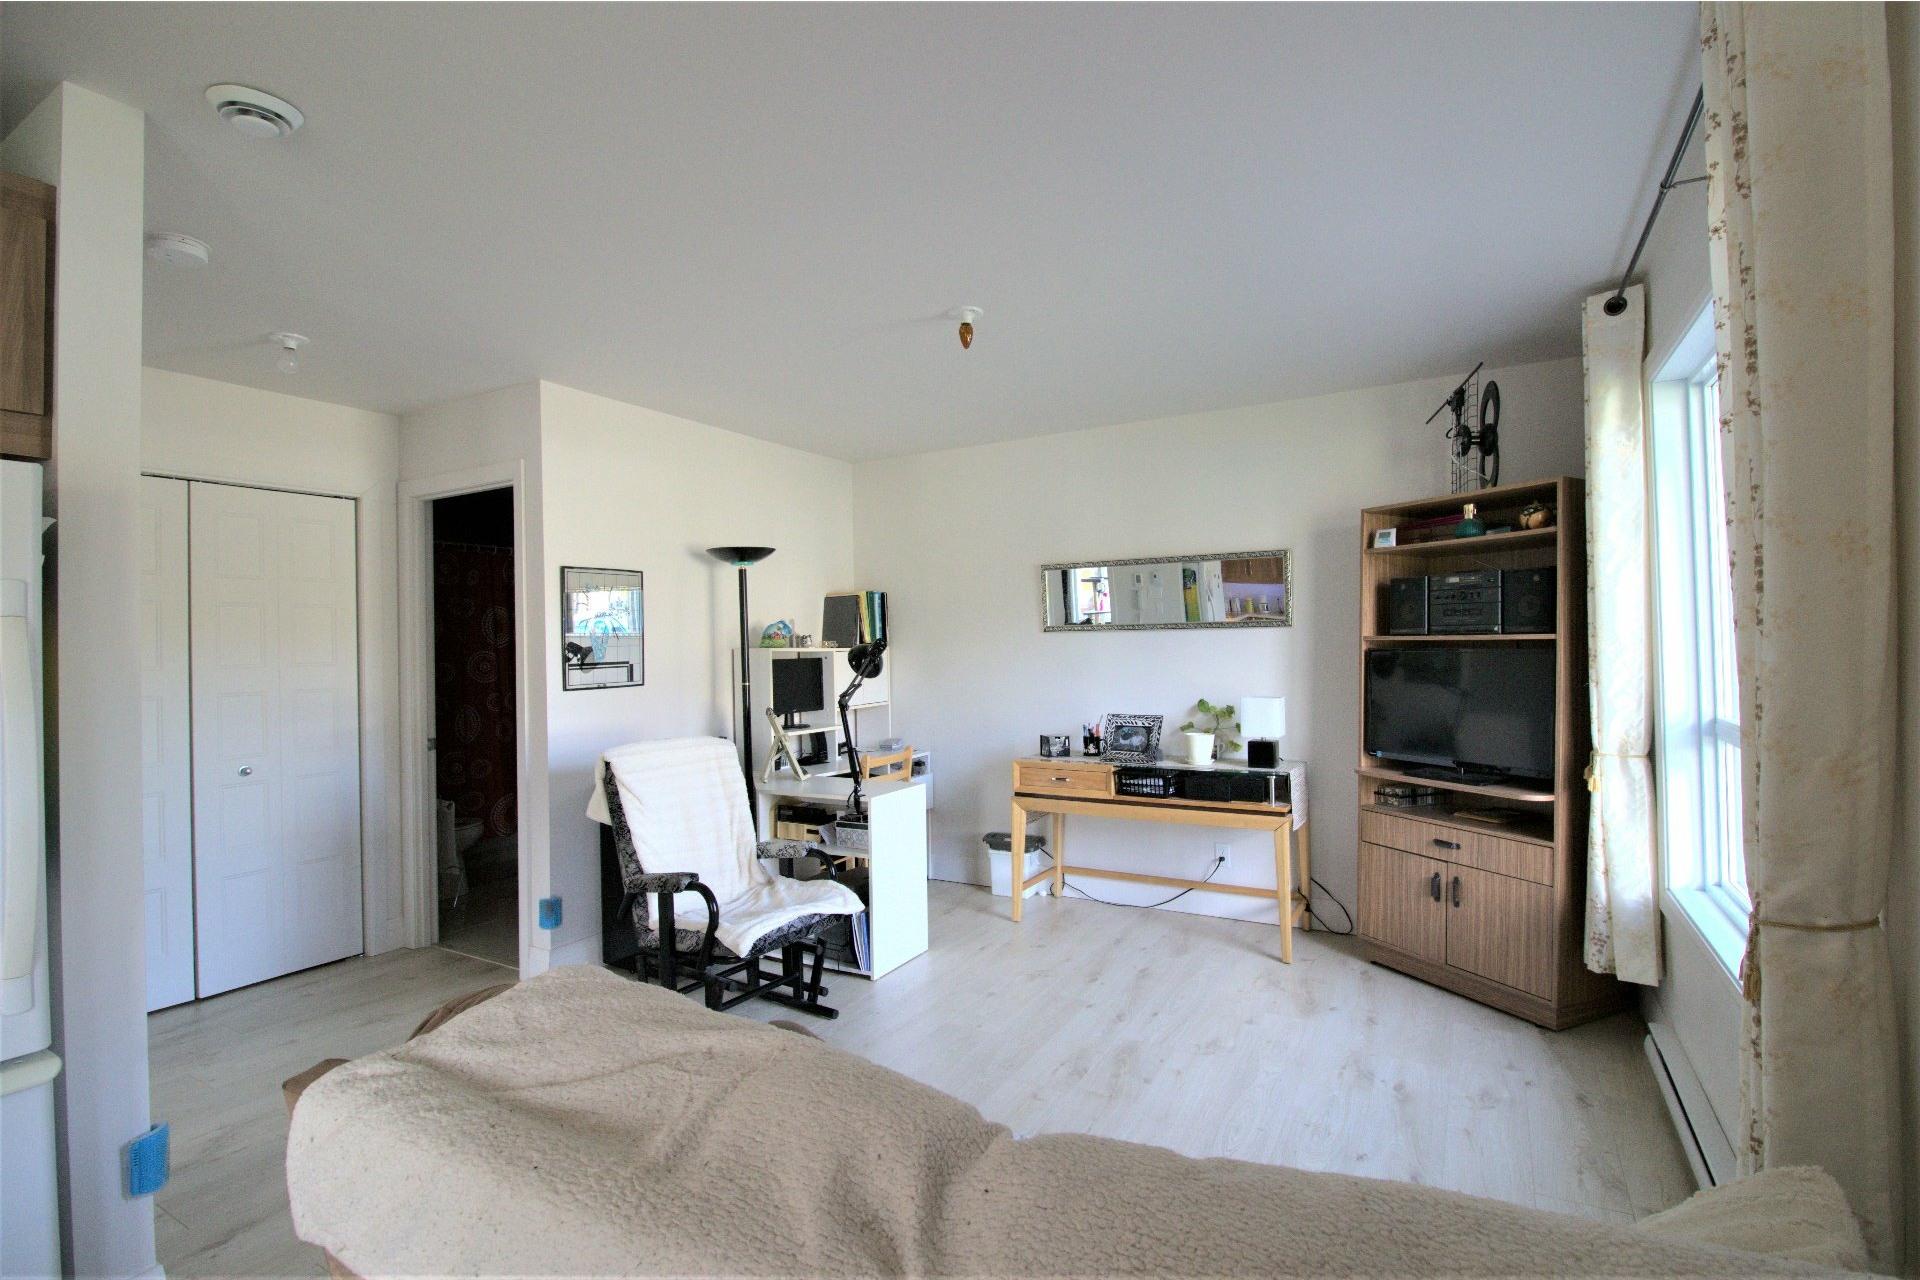 image 4 - Appartement À vendre Trois-Rivières - 5 pièces